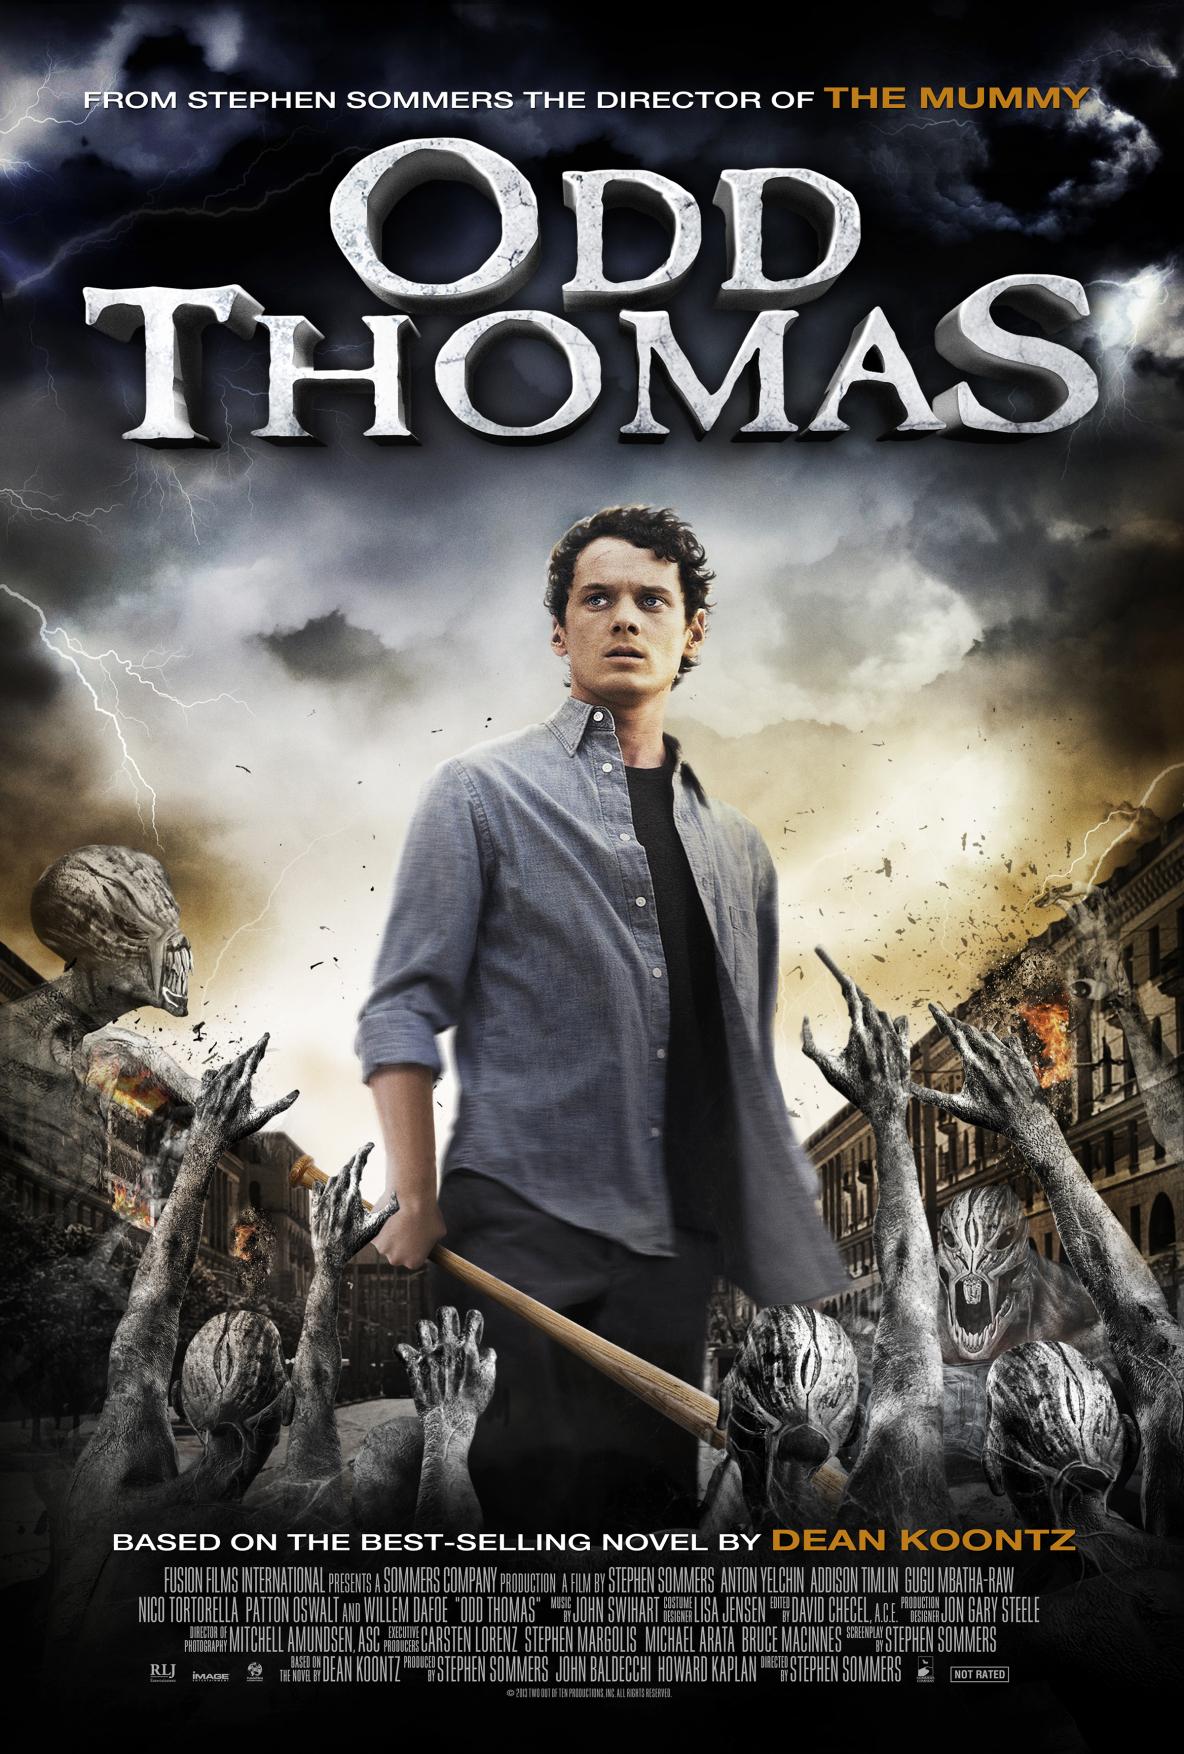 ODD-THOMAS_movie-art